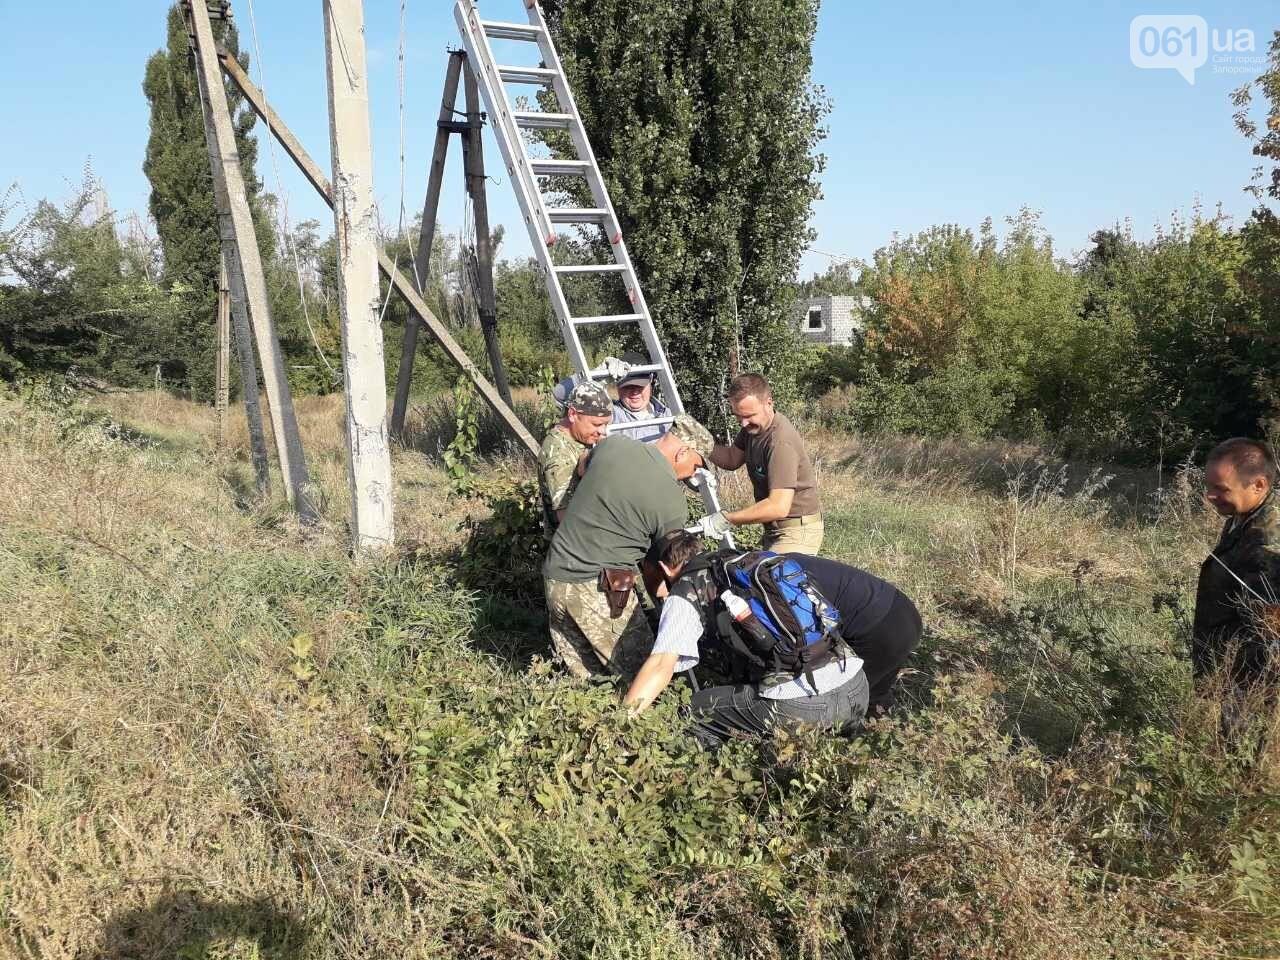 Энергодарские бойцы и волонтеры помогли «запитать» поселок Пески, фото-1